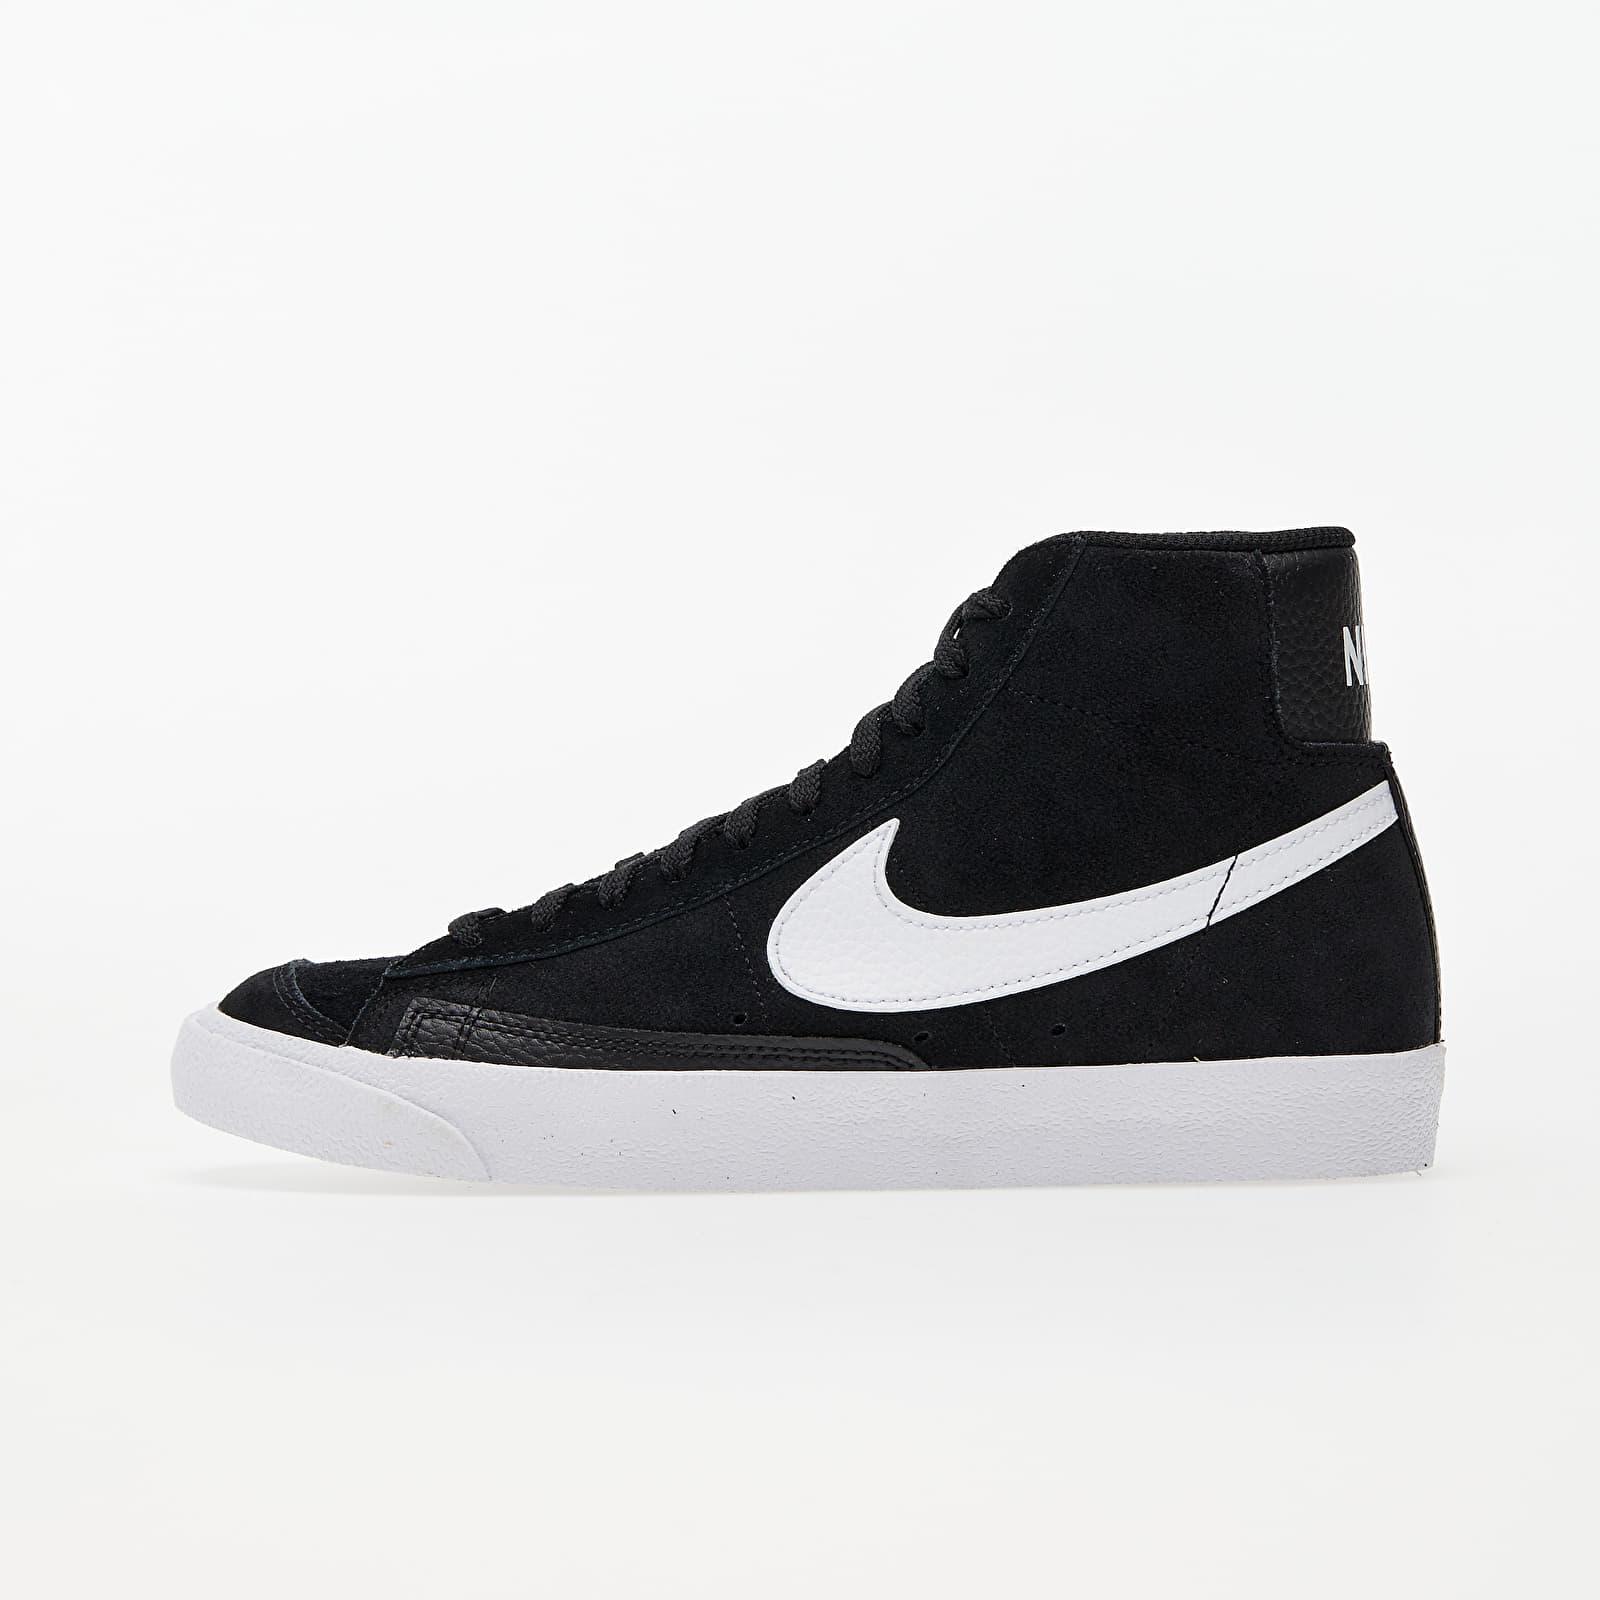 Nike Wmns Blazer Mid '77 Black/ White EUR 36.5